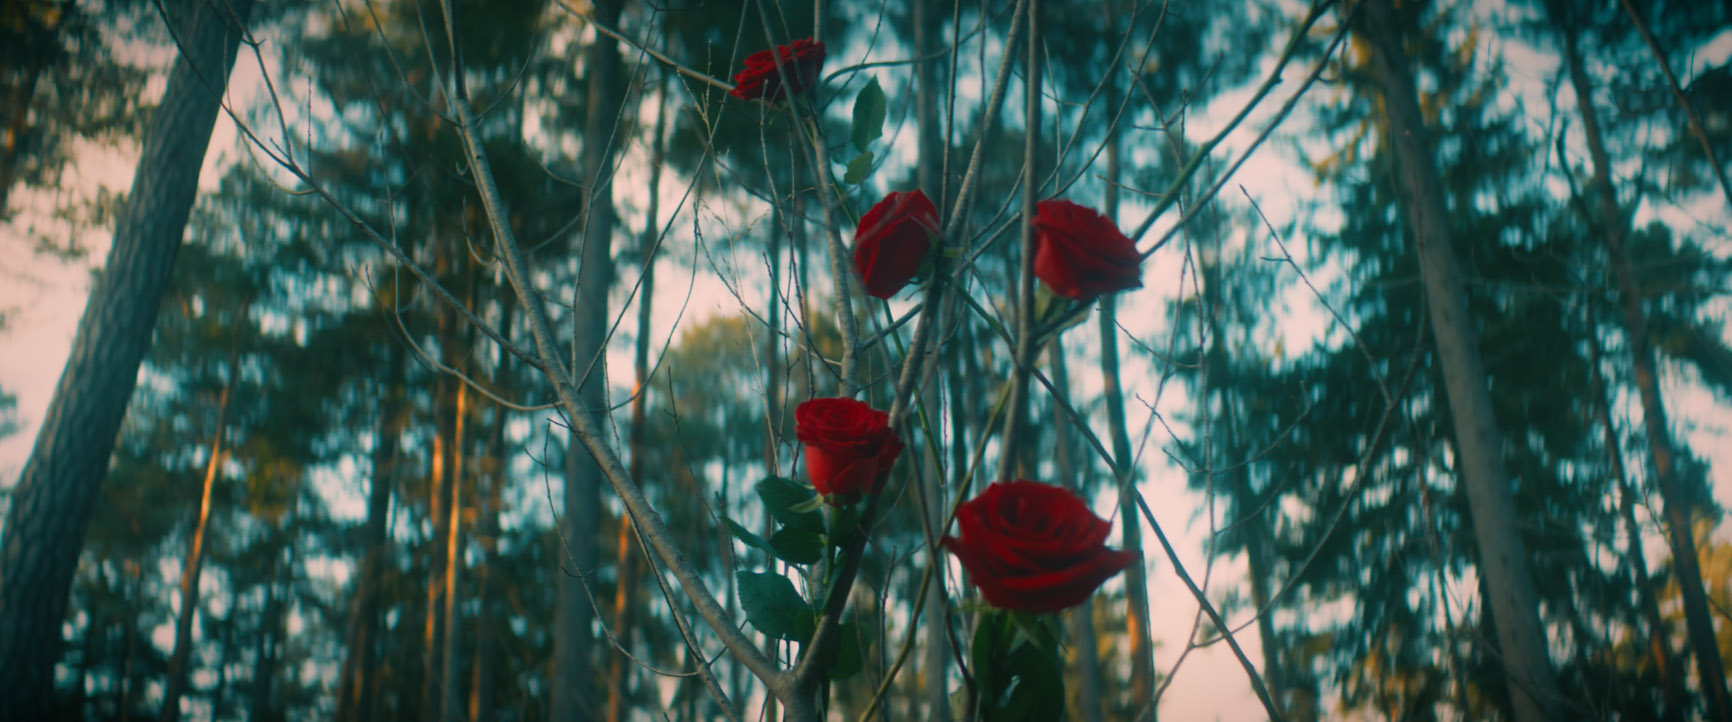 Rosen im Wald Musikvideo zum Lied Rosengarten